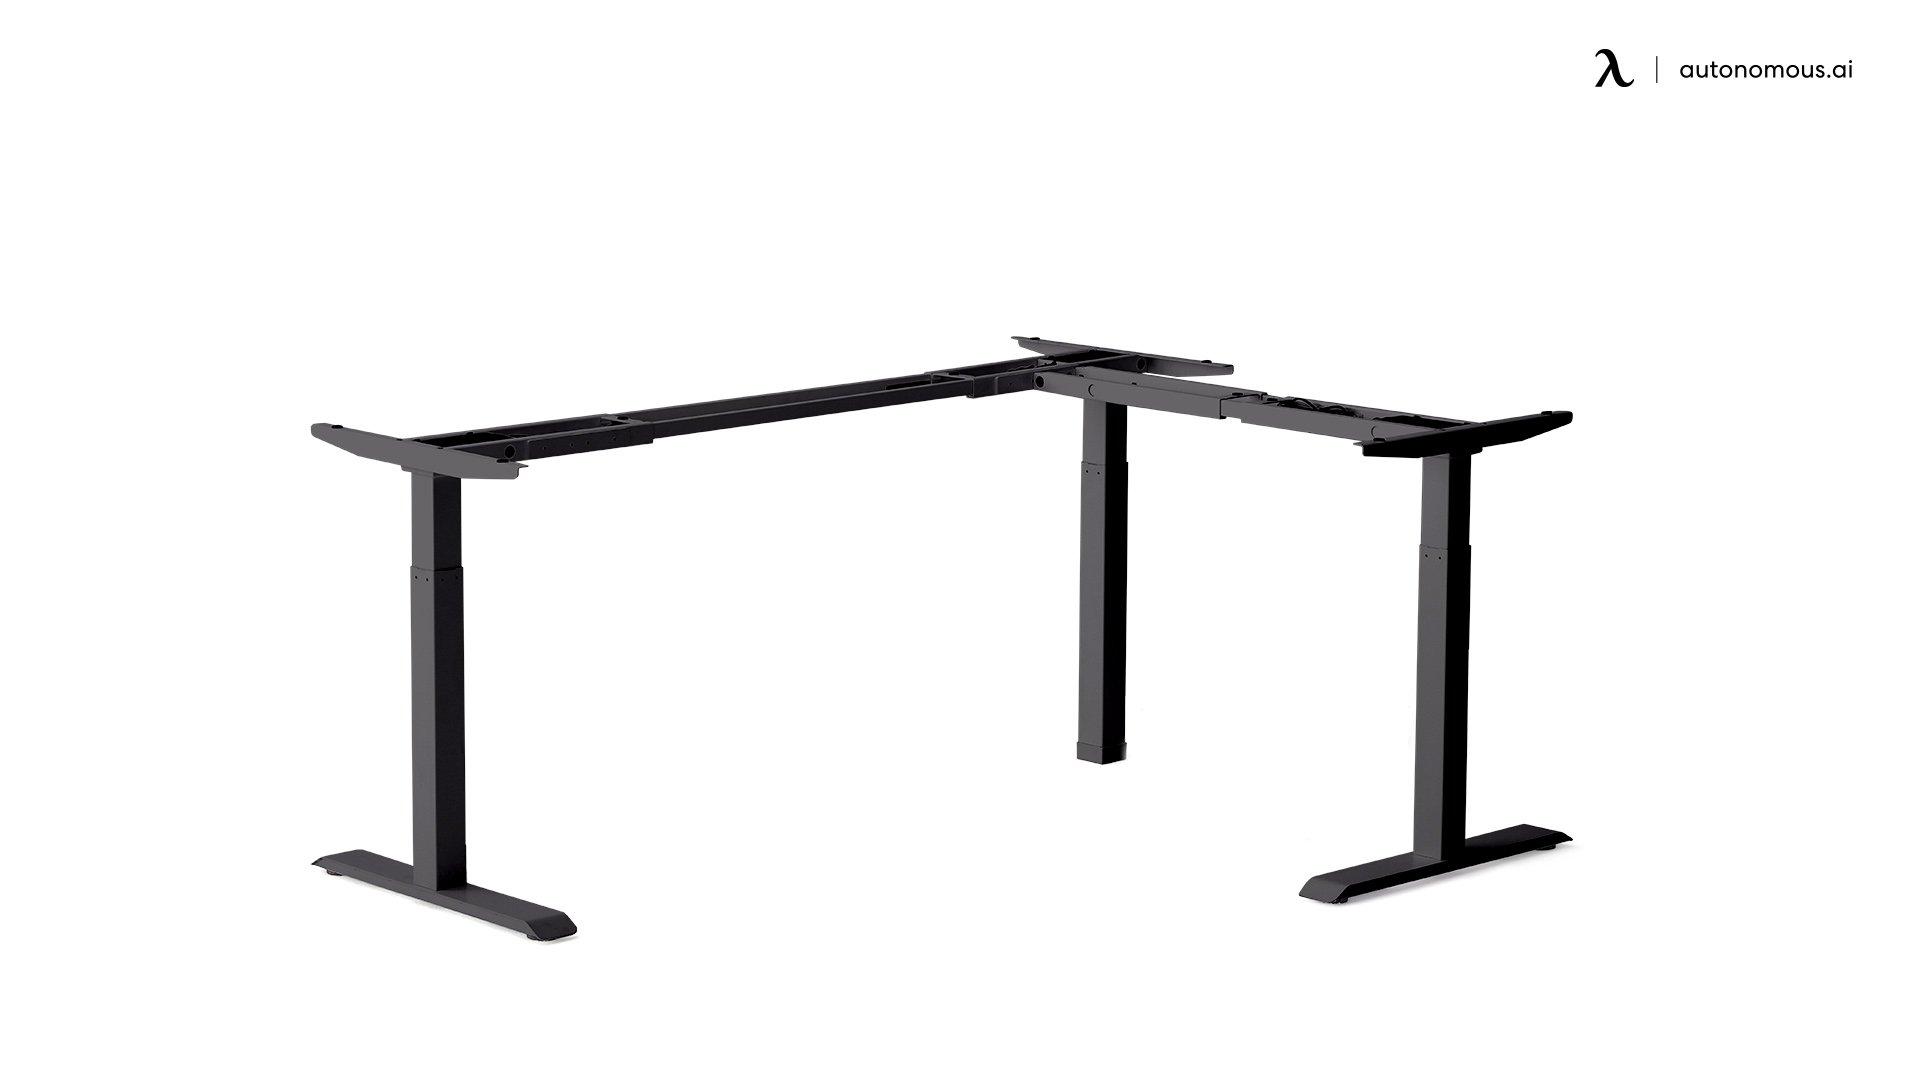 L-shaped Standing Desk Frame from Autonomous